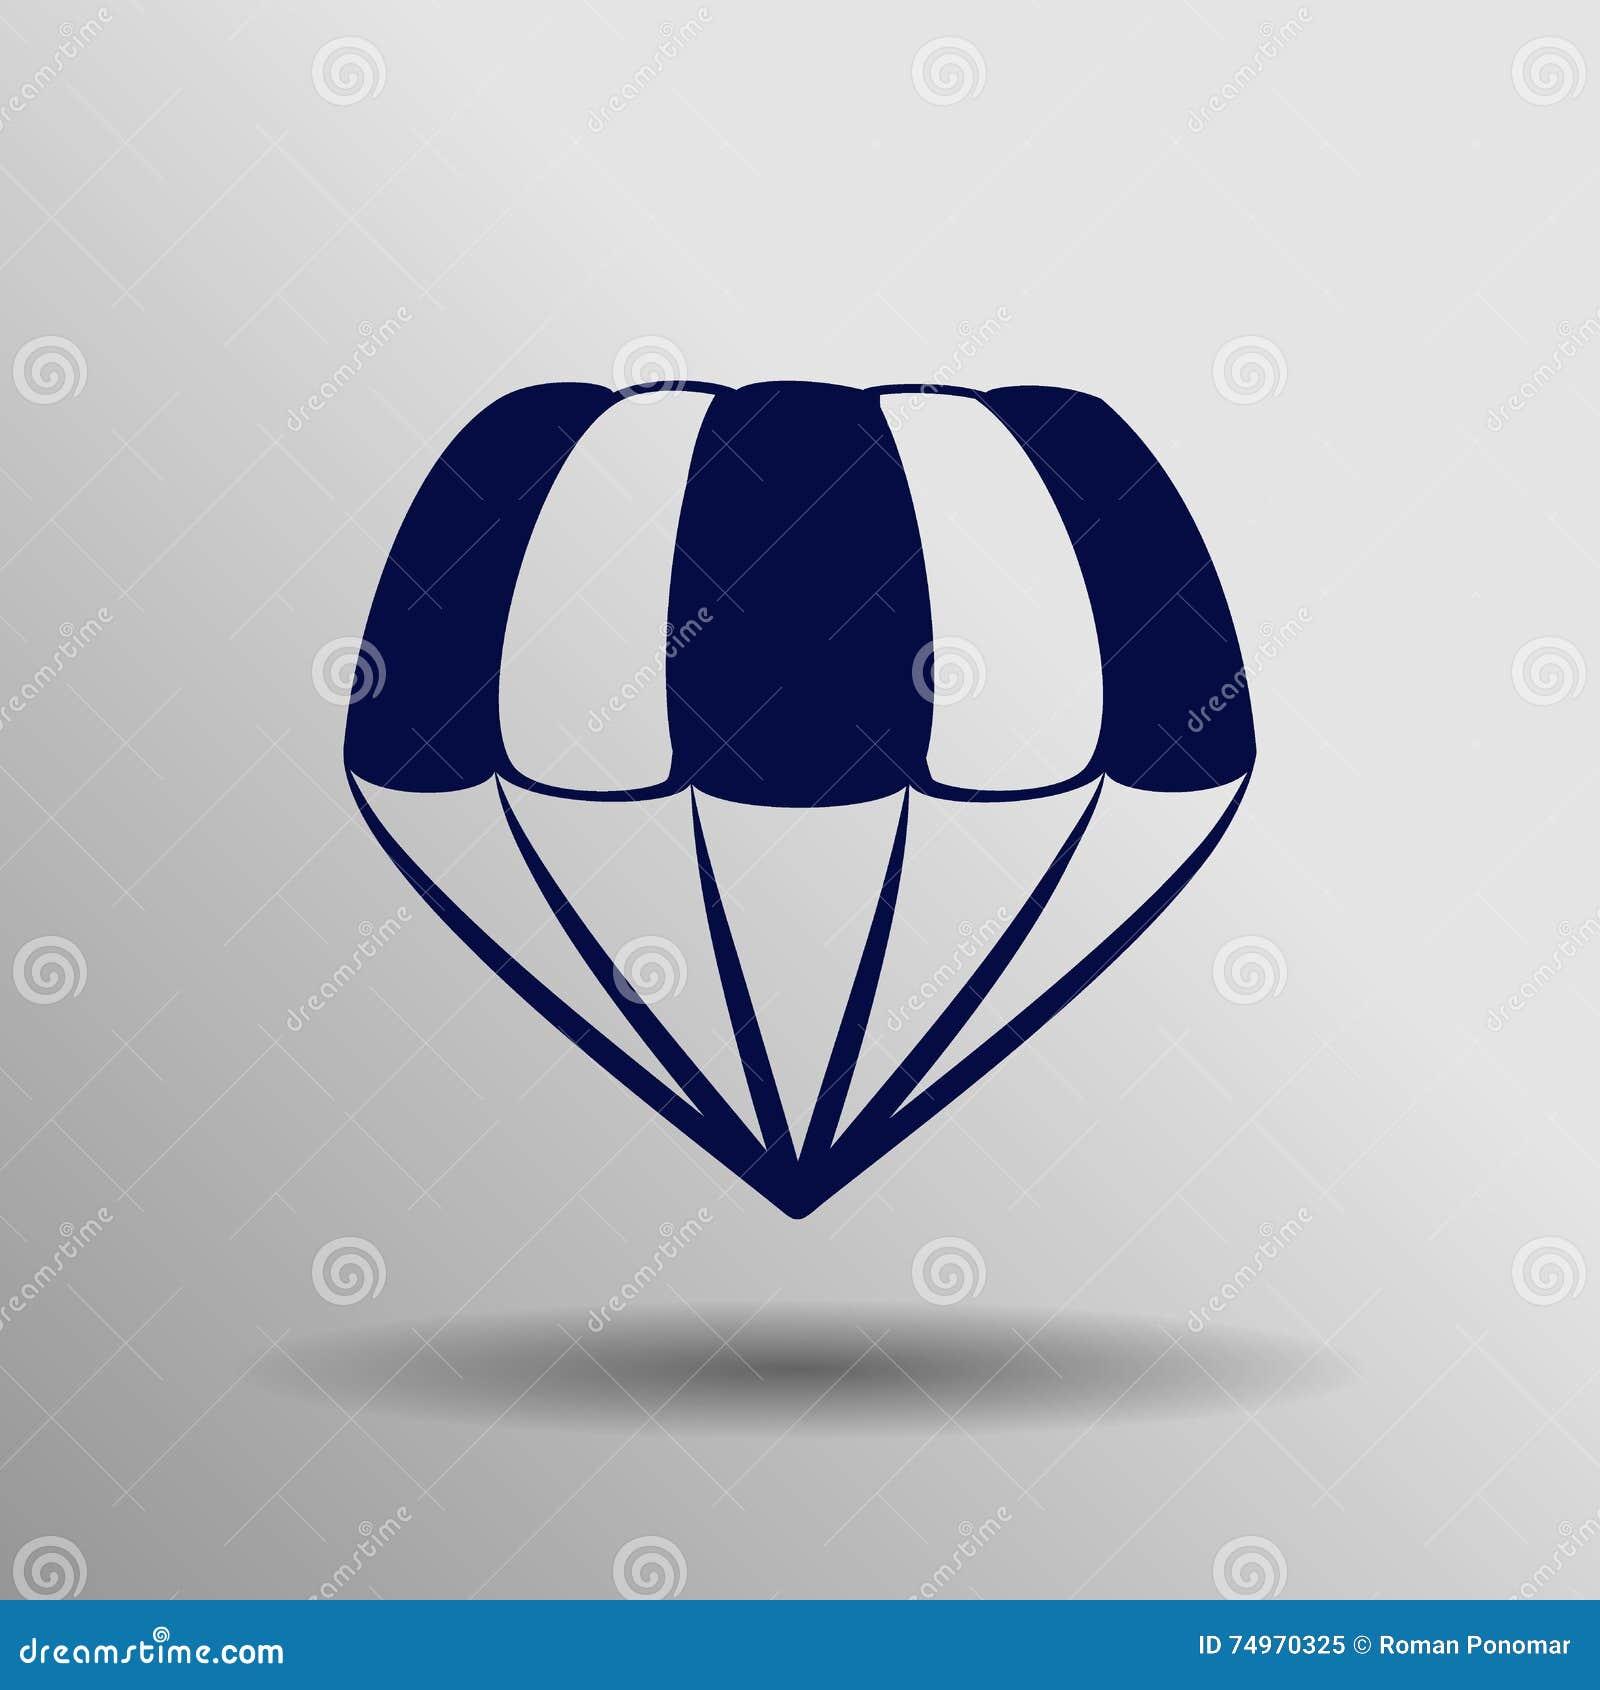 Icono Azul Del Paracaídas En El Fondo Gris Imagen de archivo ...